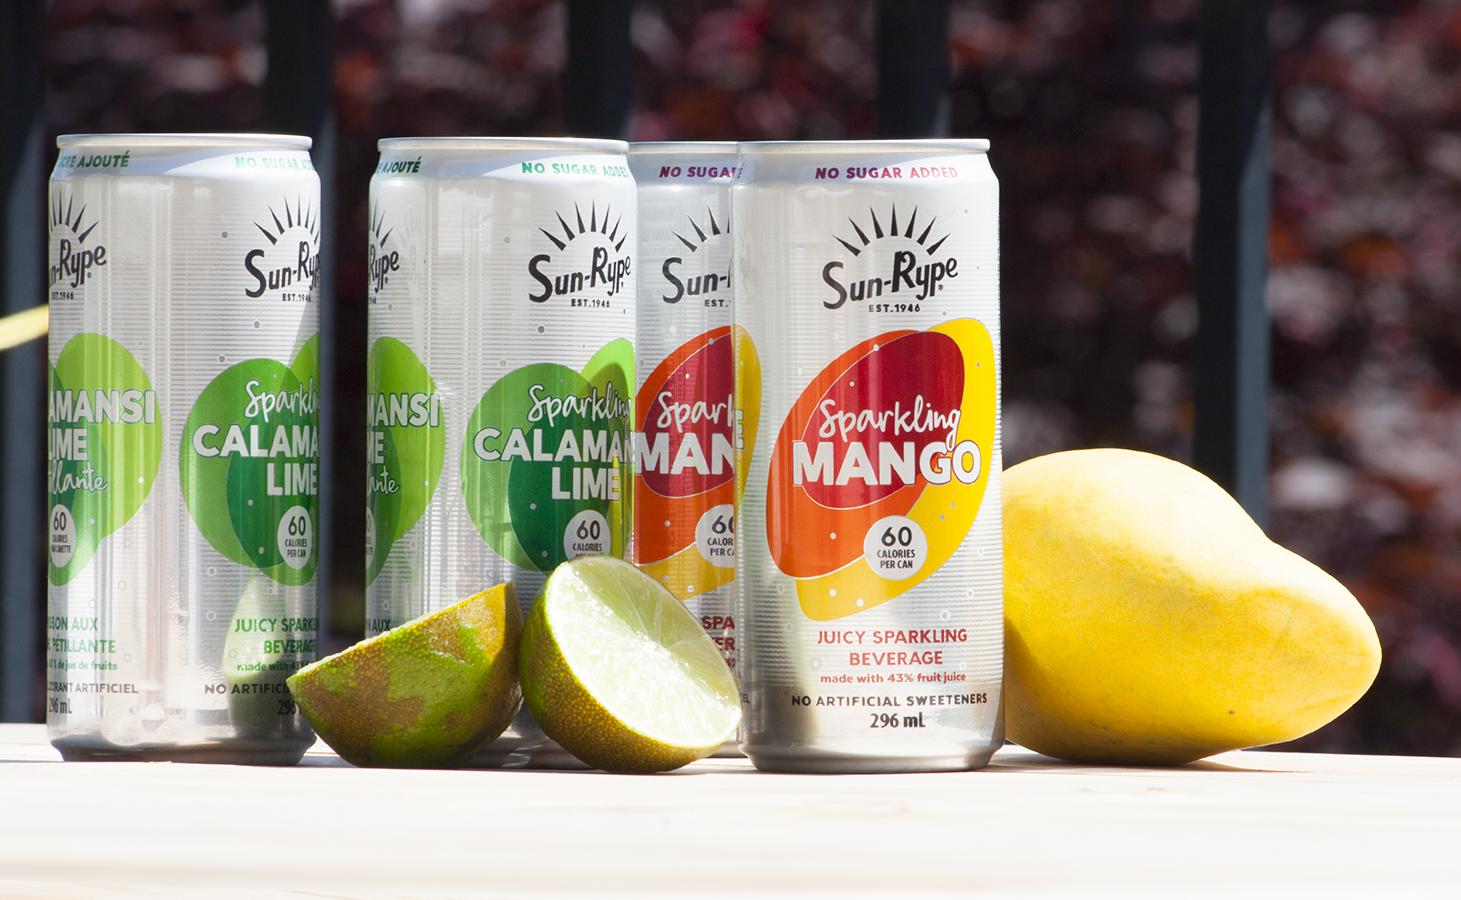 SunRype Sparkling Juice